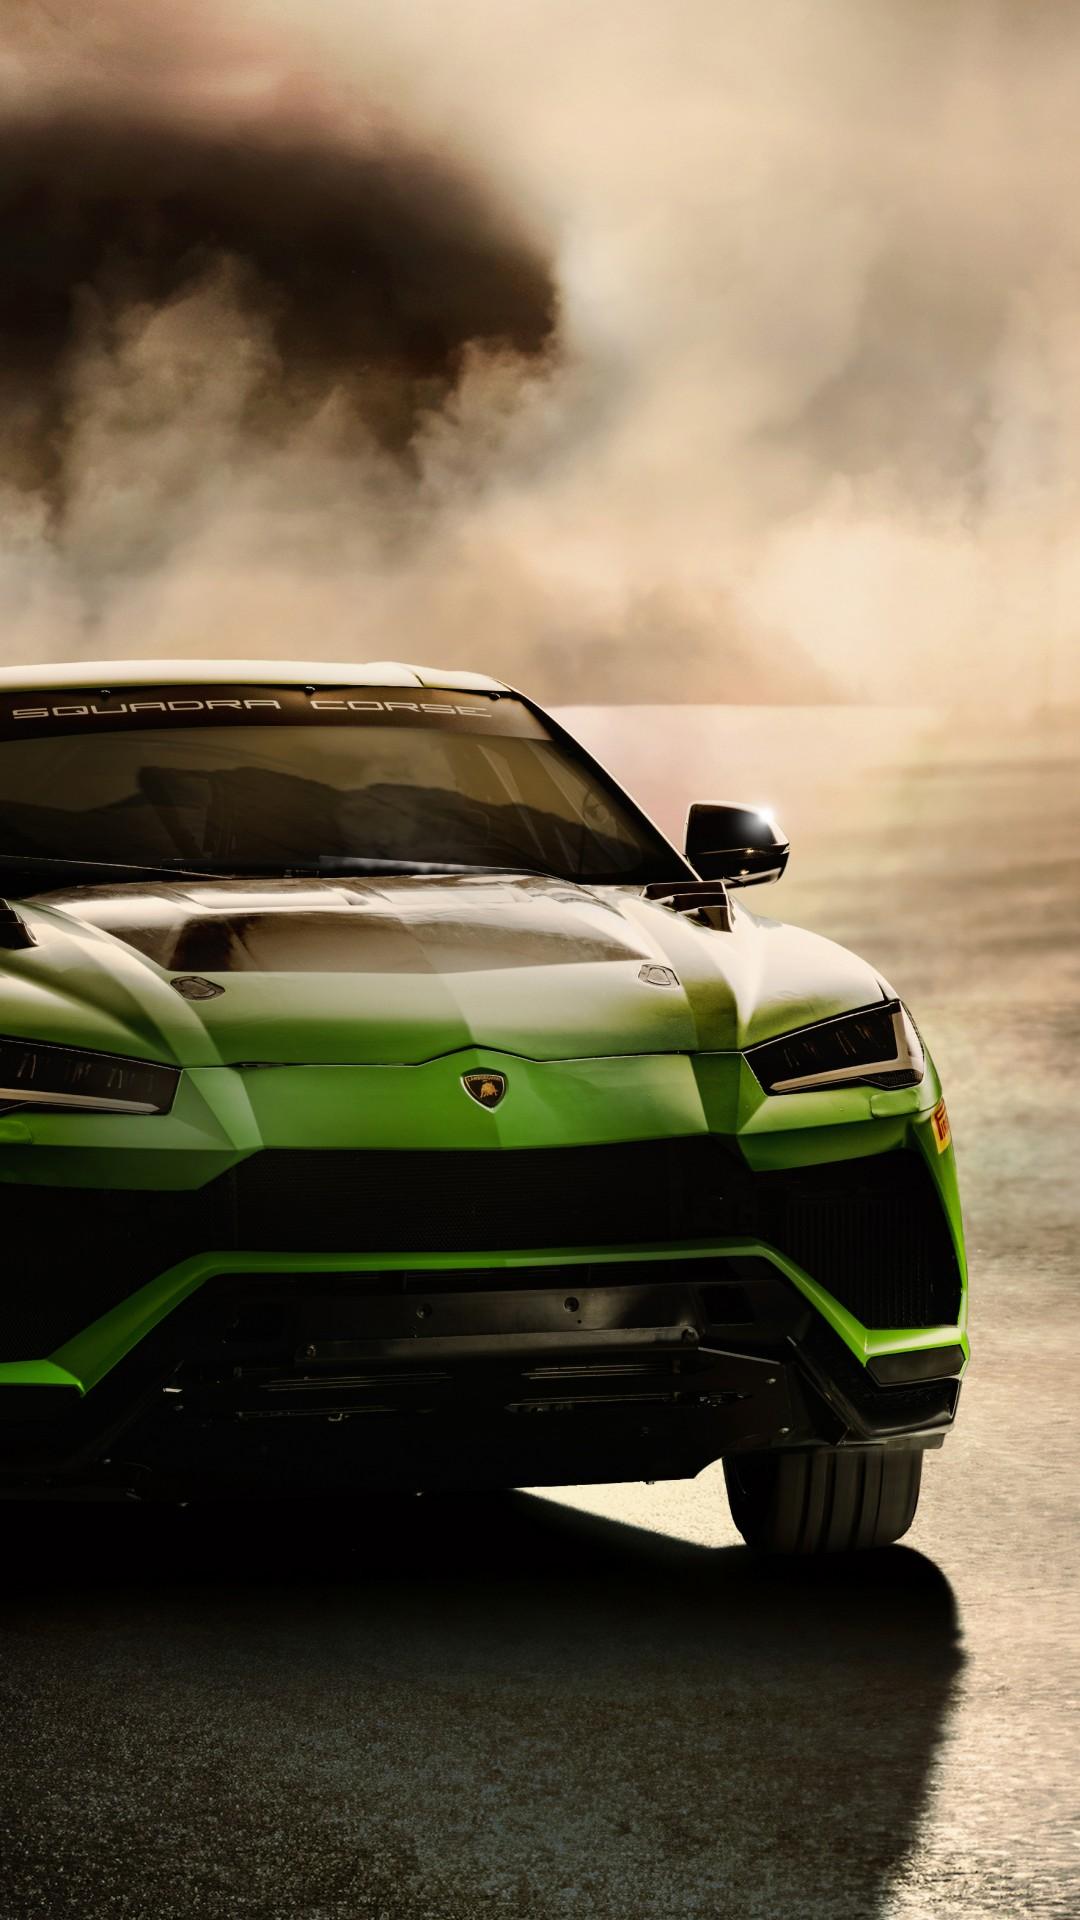 Wallpaper Lamborghini Urus St X Suv Supercar 5k Cars